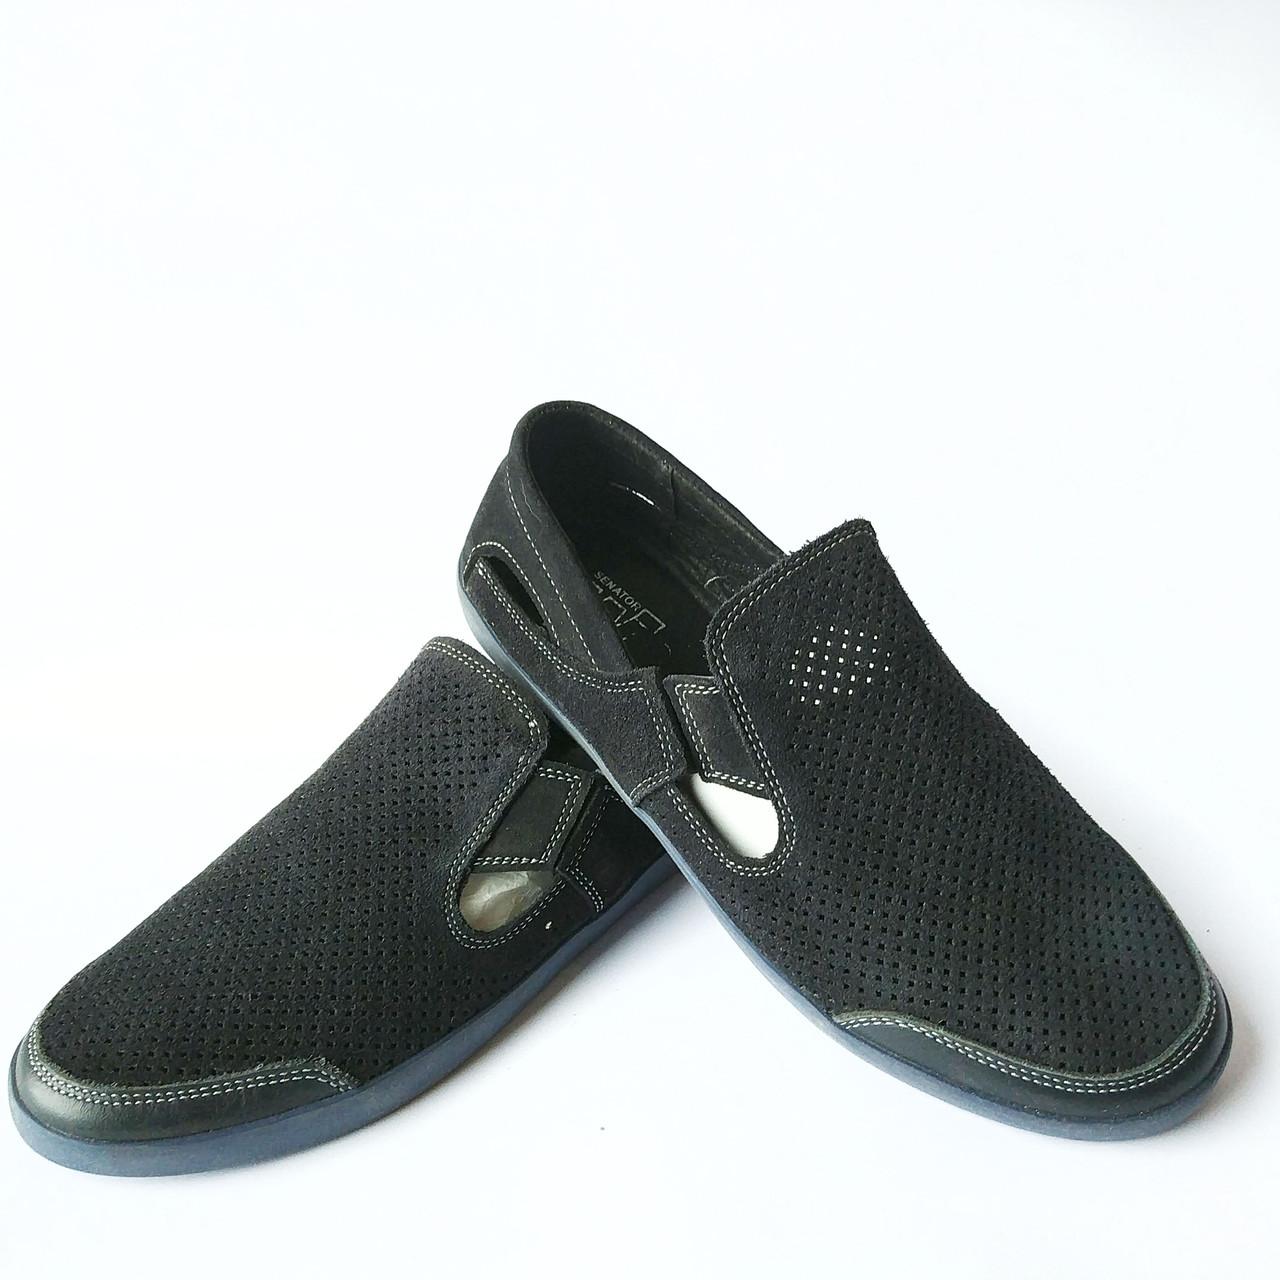 b8adf4d78 Летние мужские замшевые мокасины синего цвета без шнурков